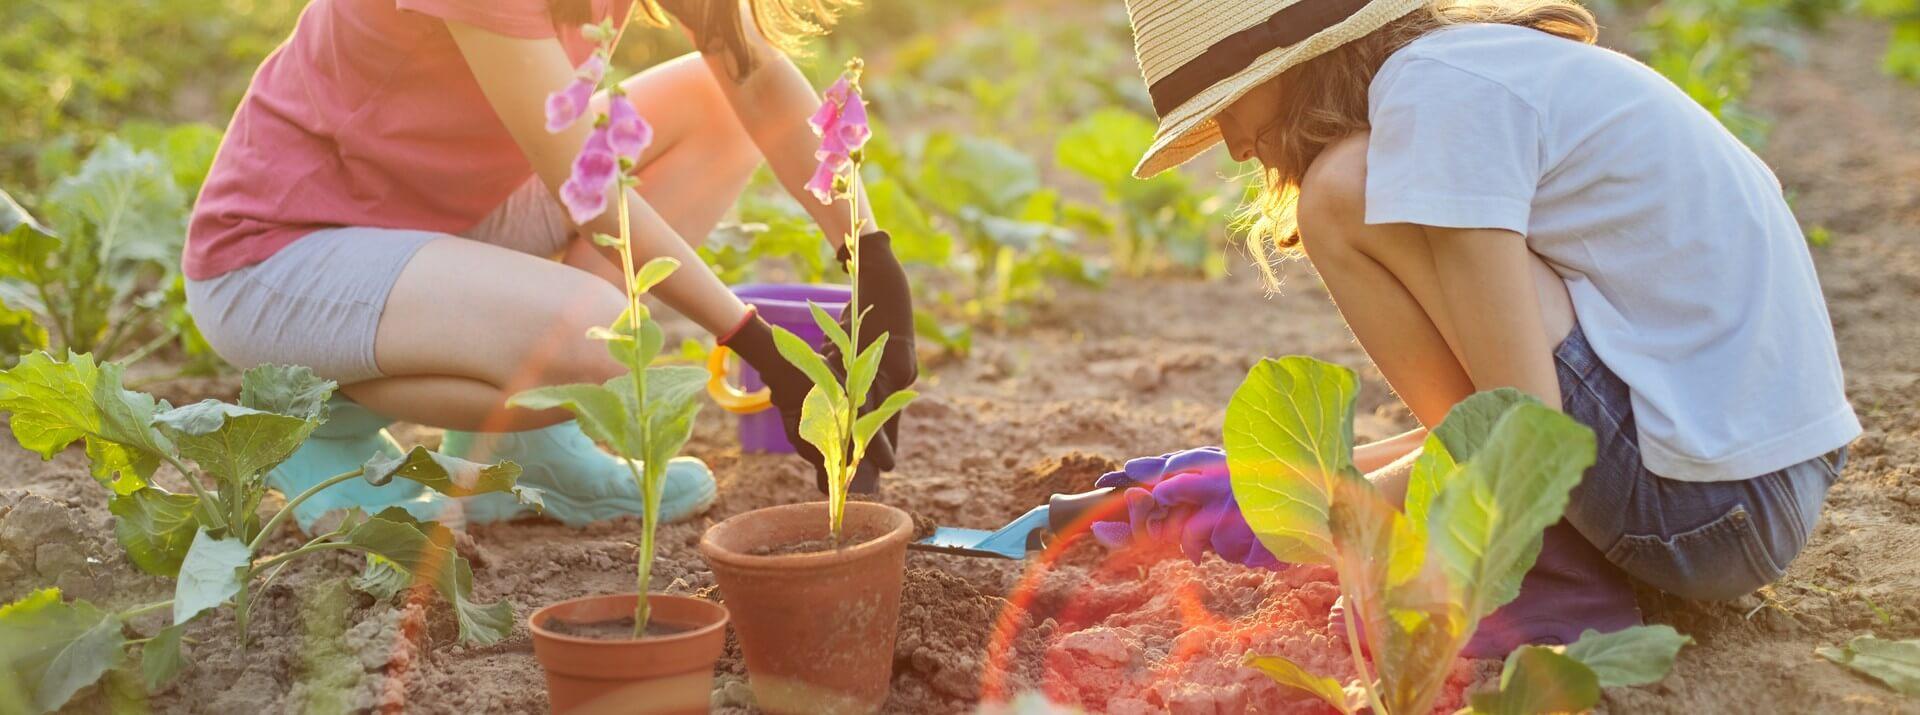 Accessoires de jardinage enfant